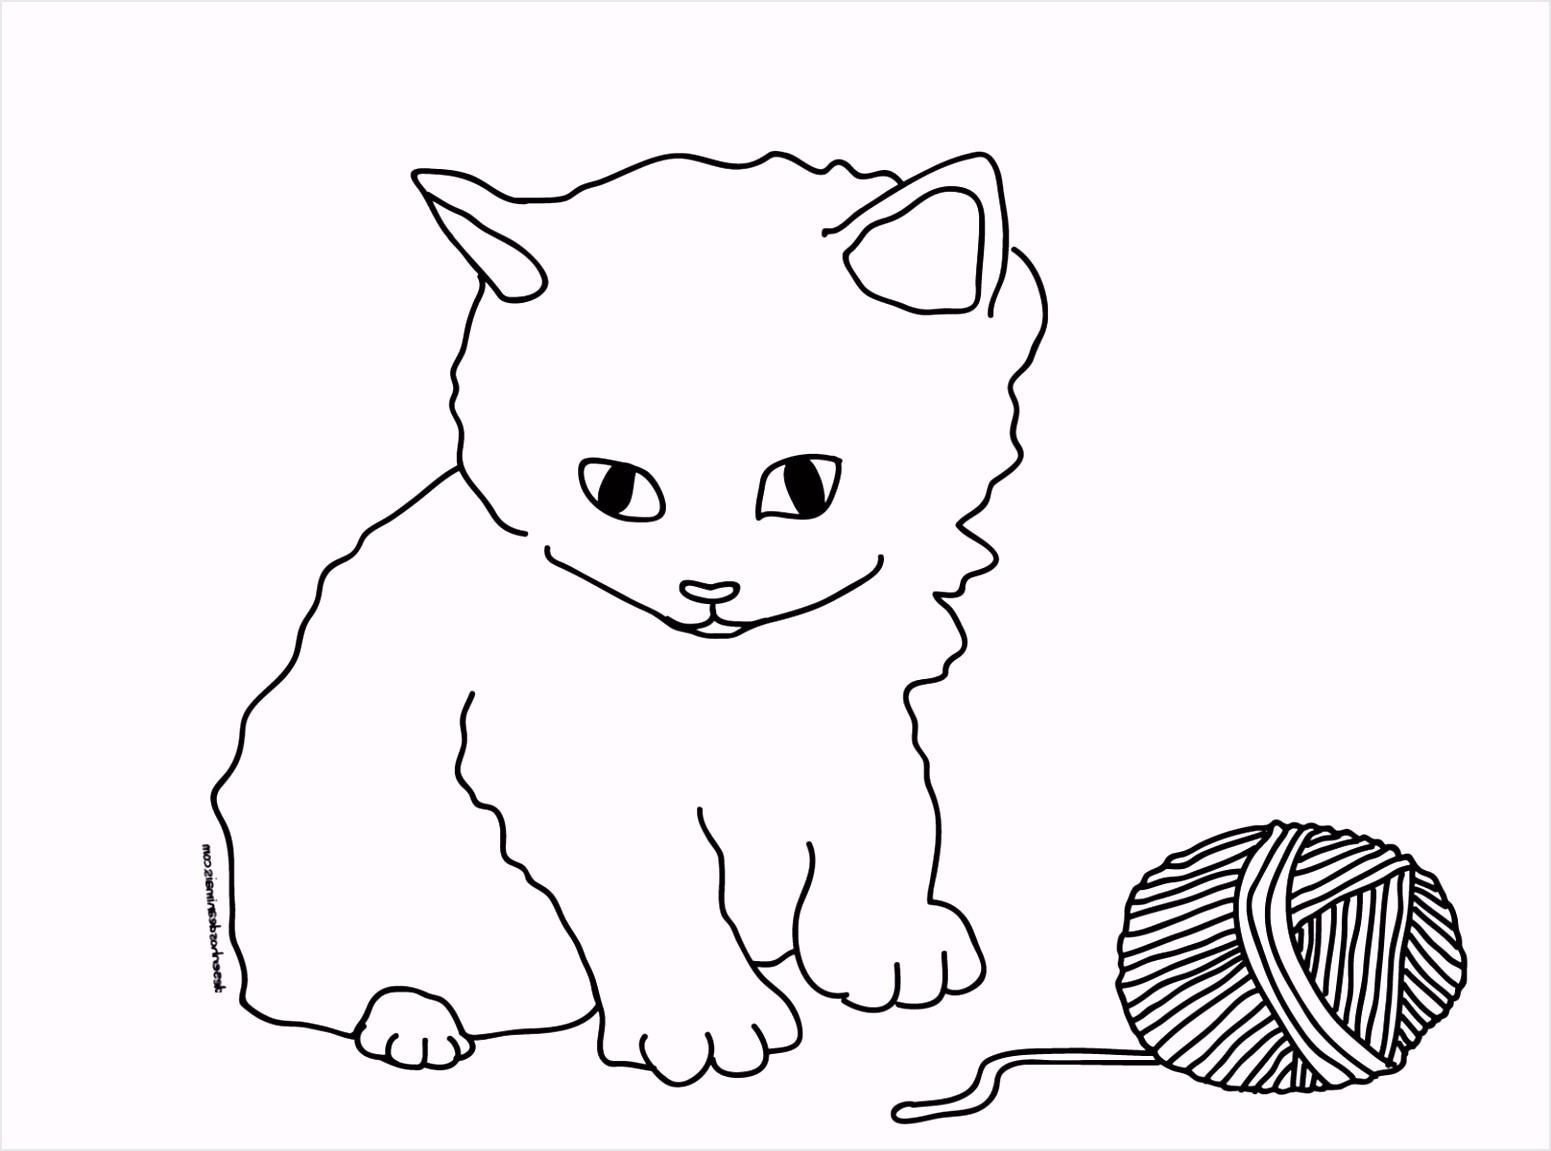 Malvorlagen Katzen Einzigartig Hund Zum Ausmalen Best Malvorlagen Katze Malvorlagen Igel H9d9 Bild